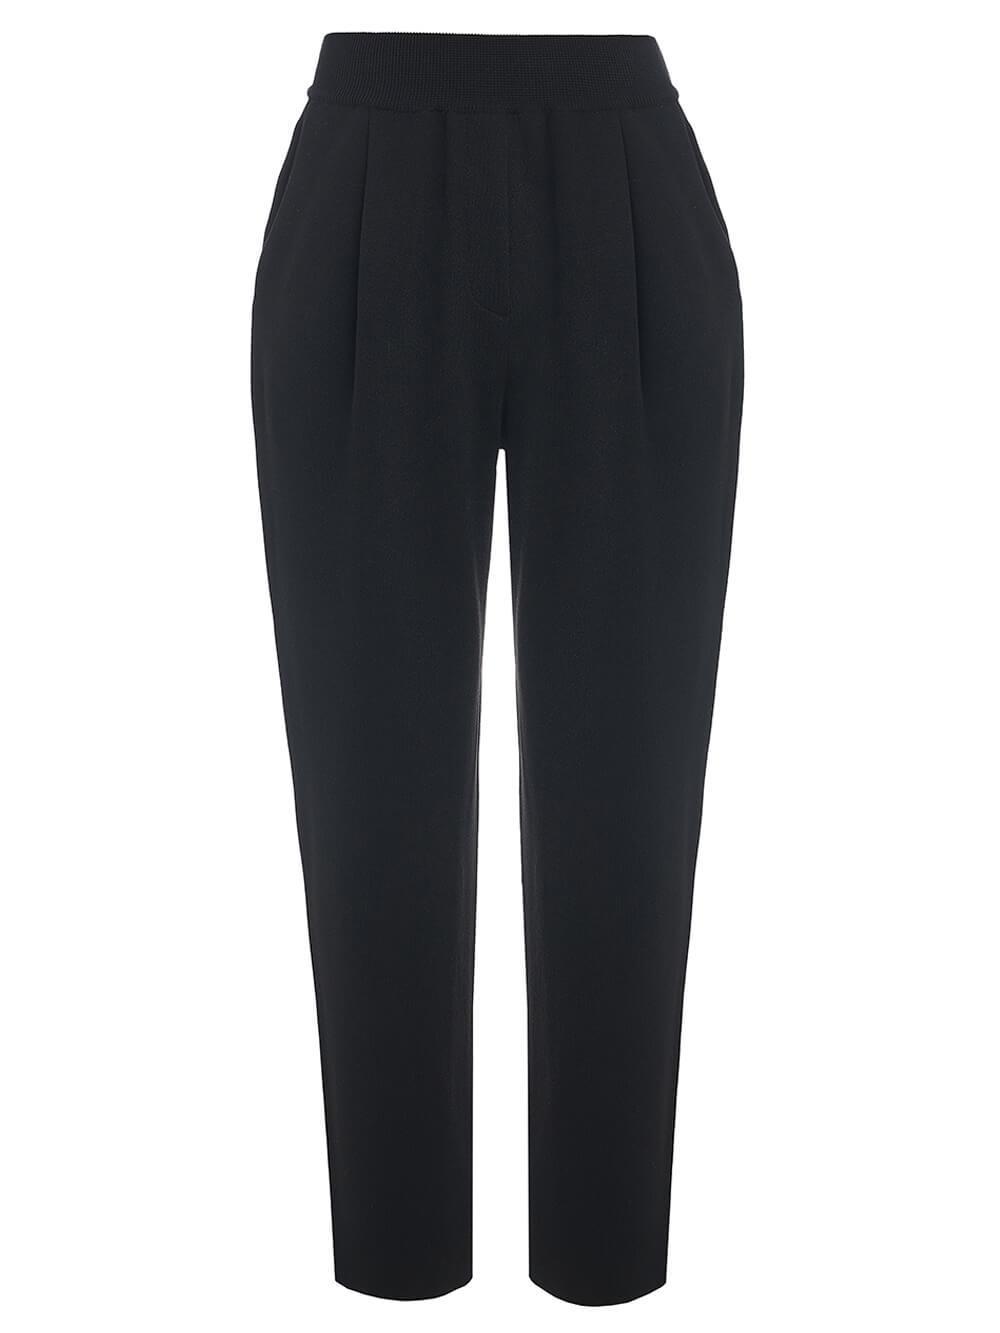 Женские брюки черного цвета из вискозы - фото 1